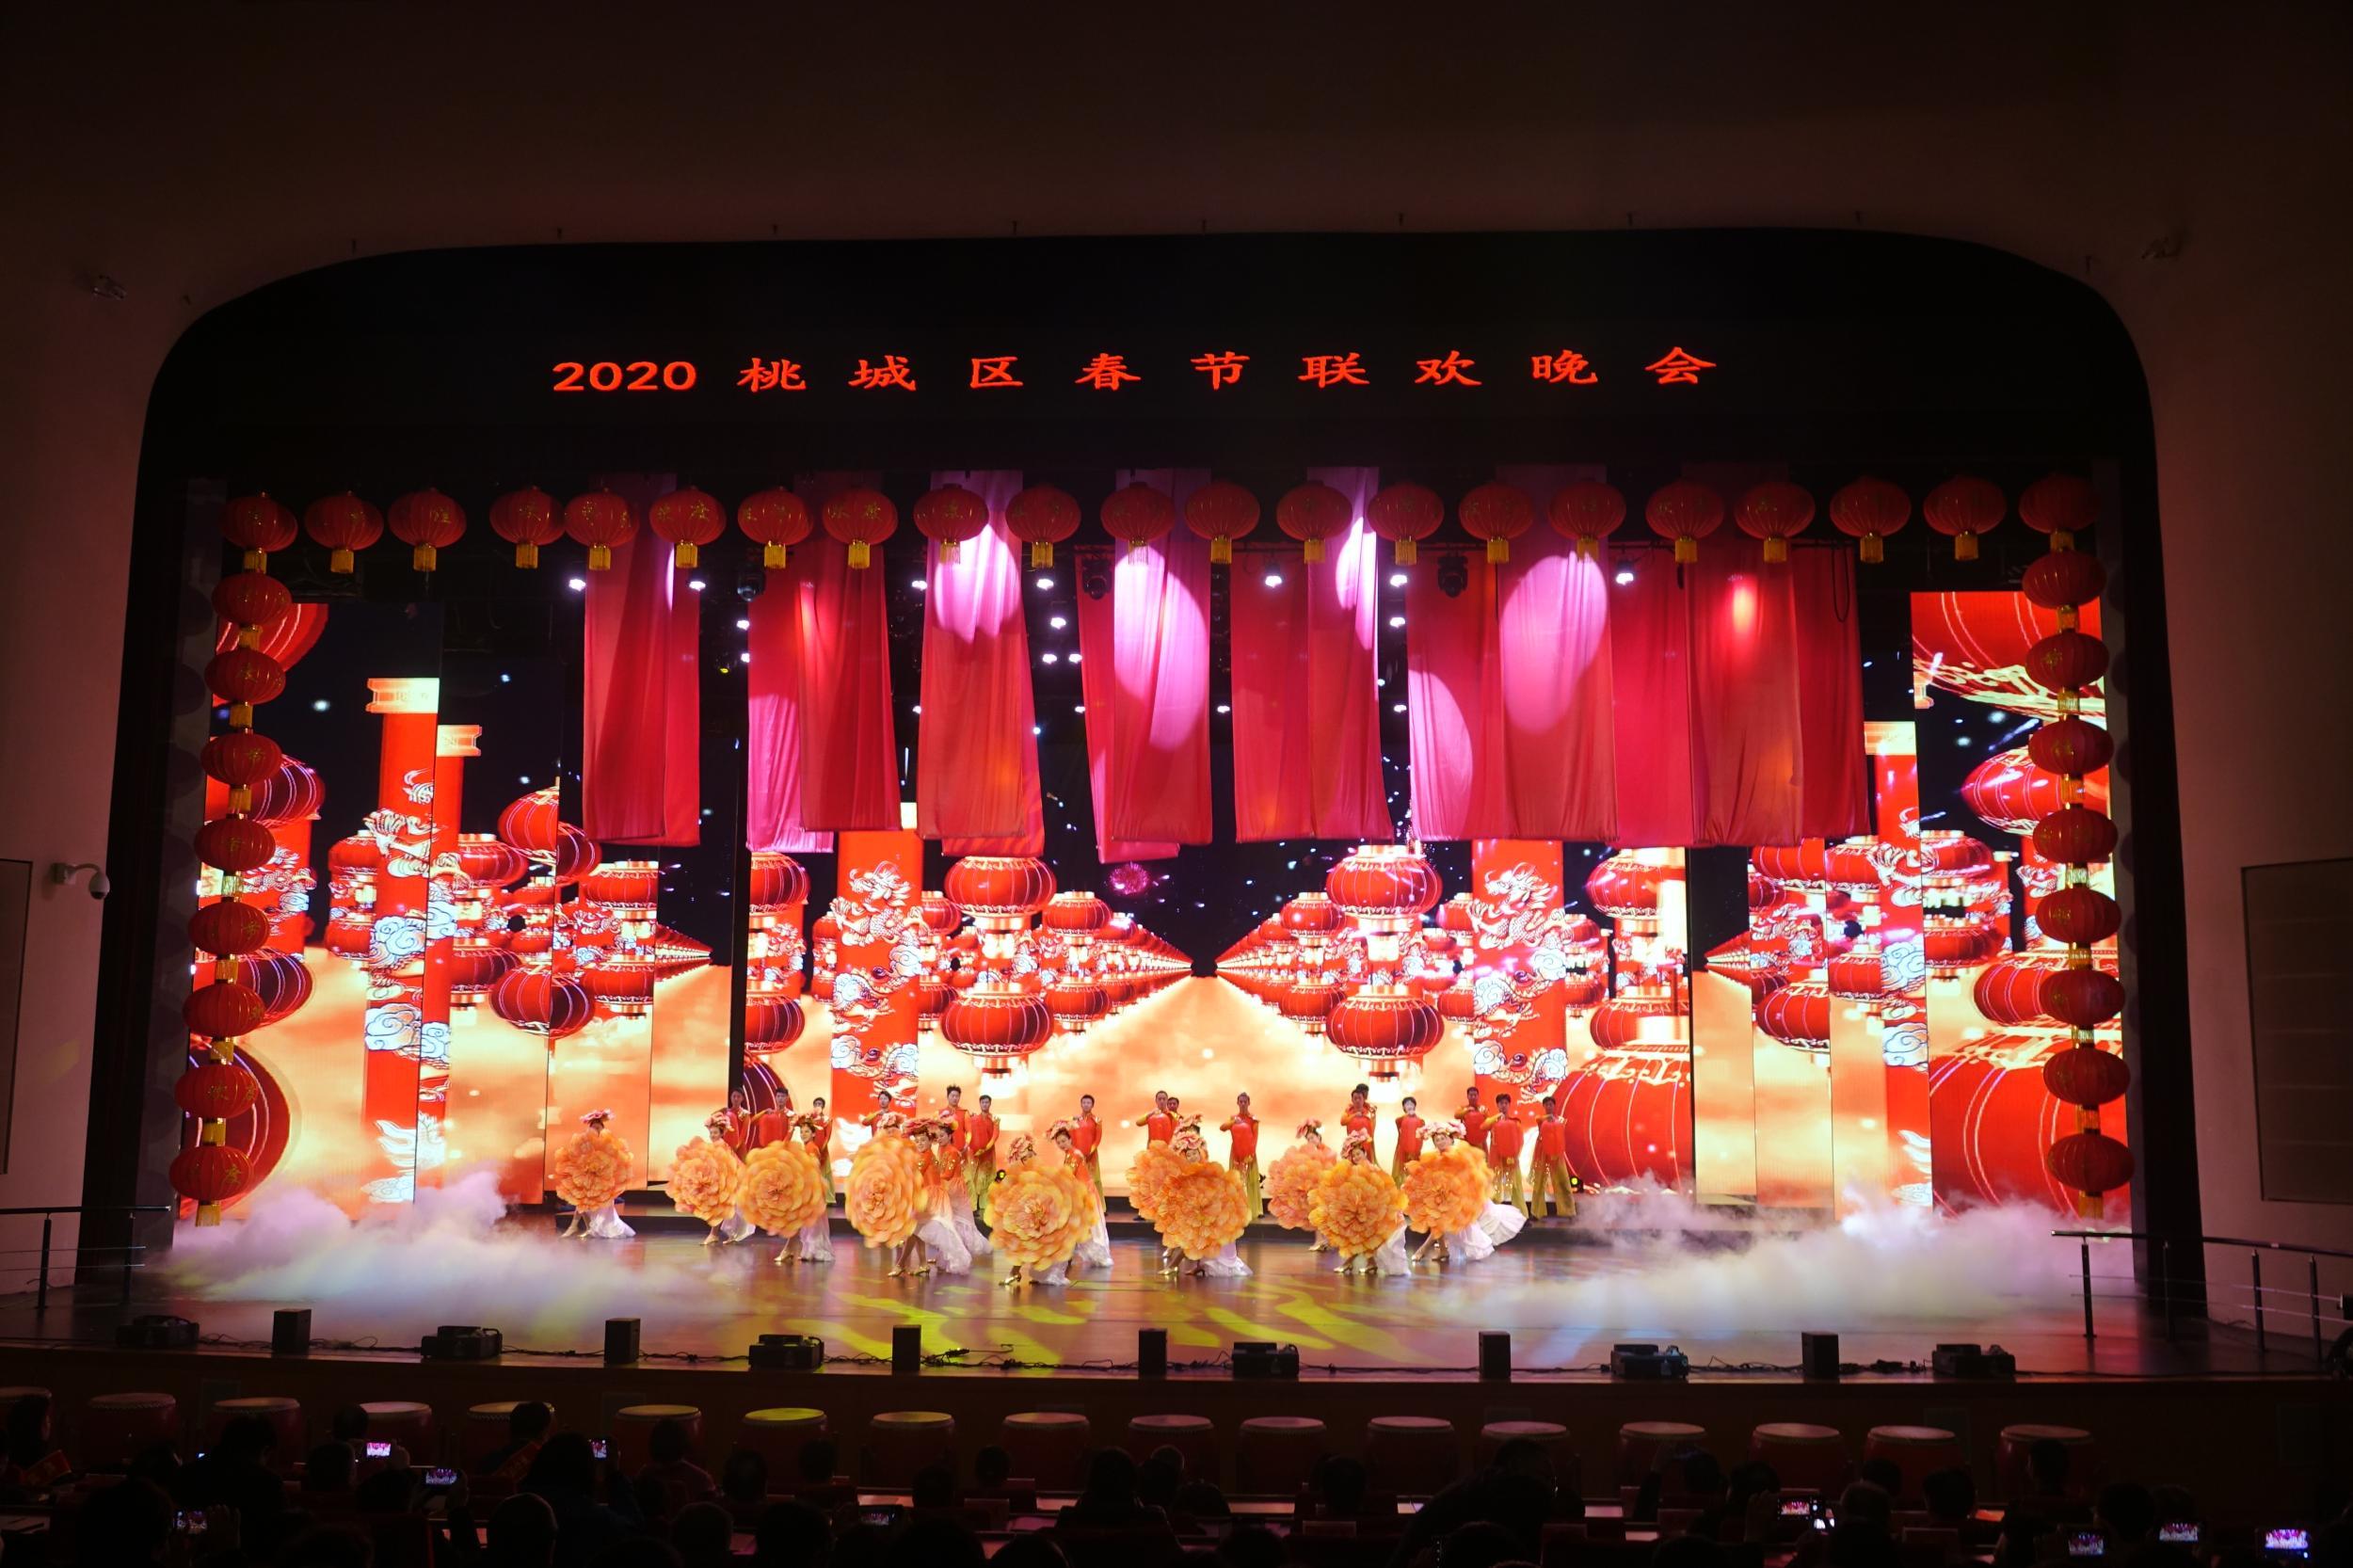 2020年桃城区春节联欢晚会举行